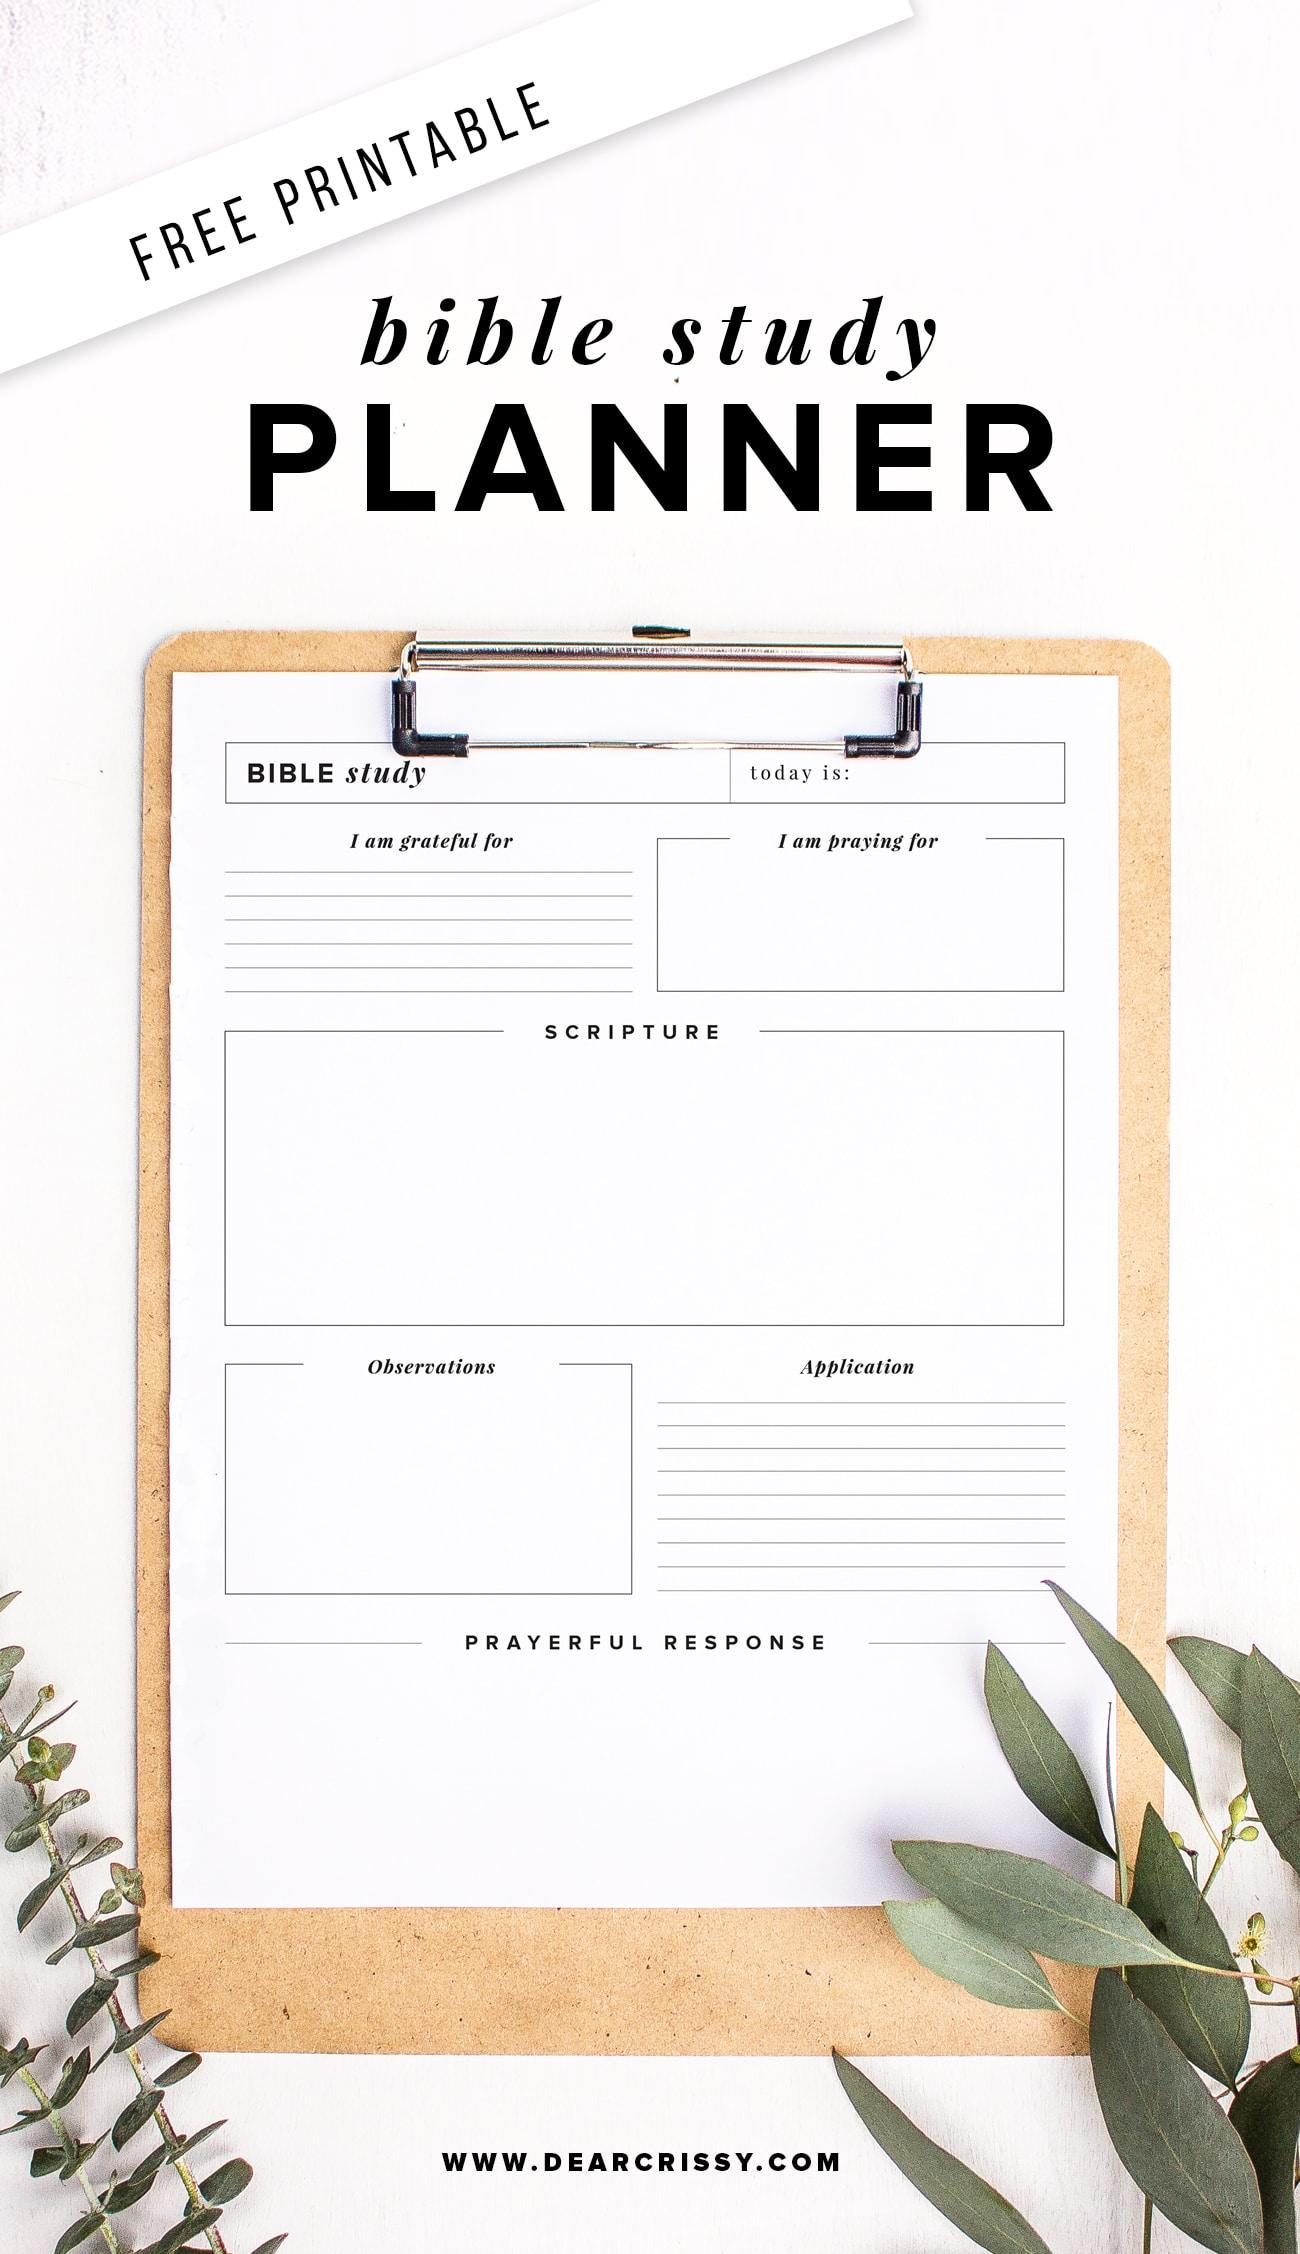 Free Printable Bible Study Planner